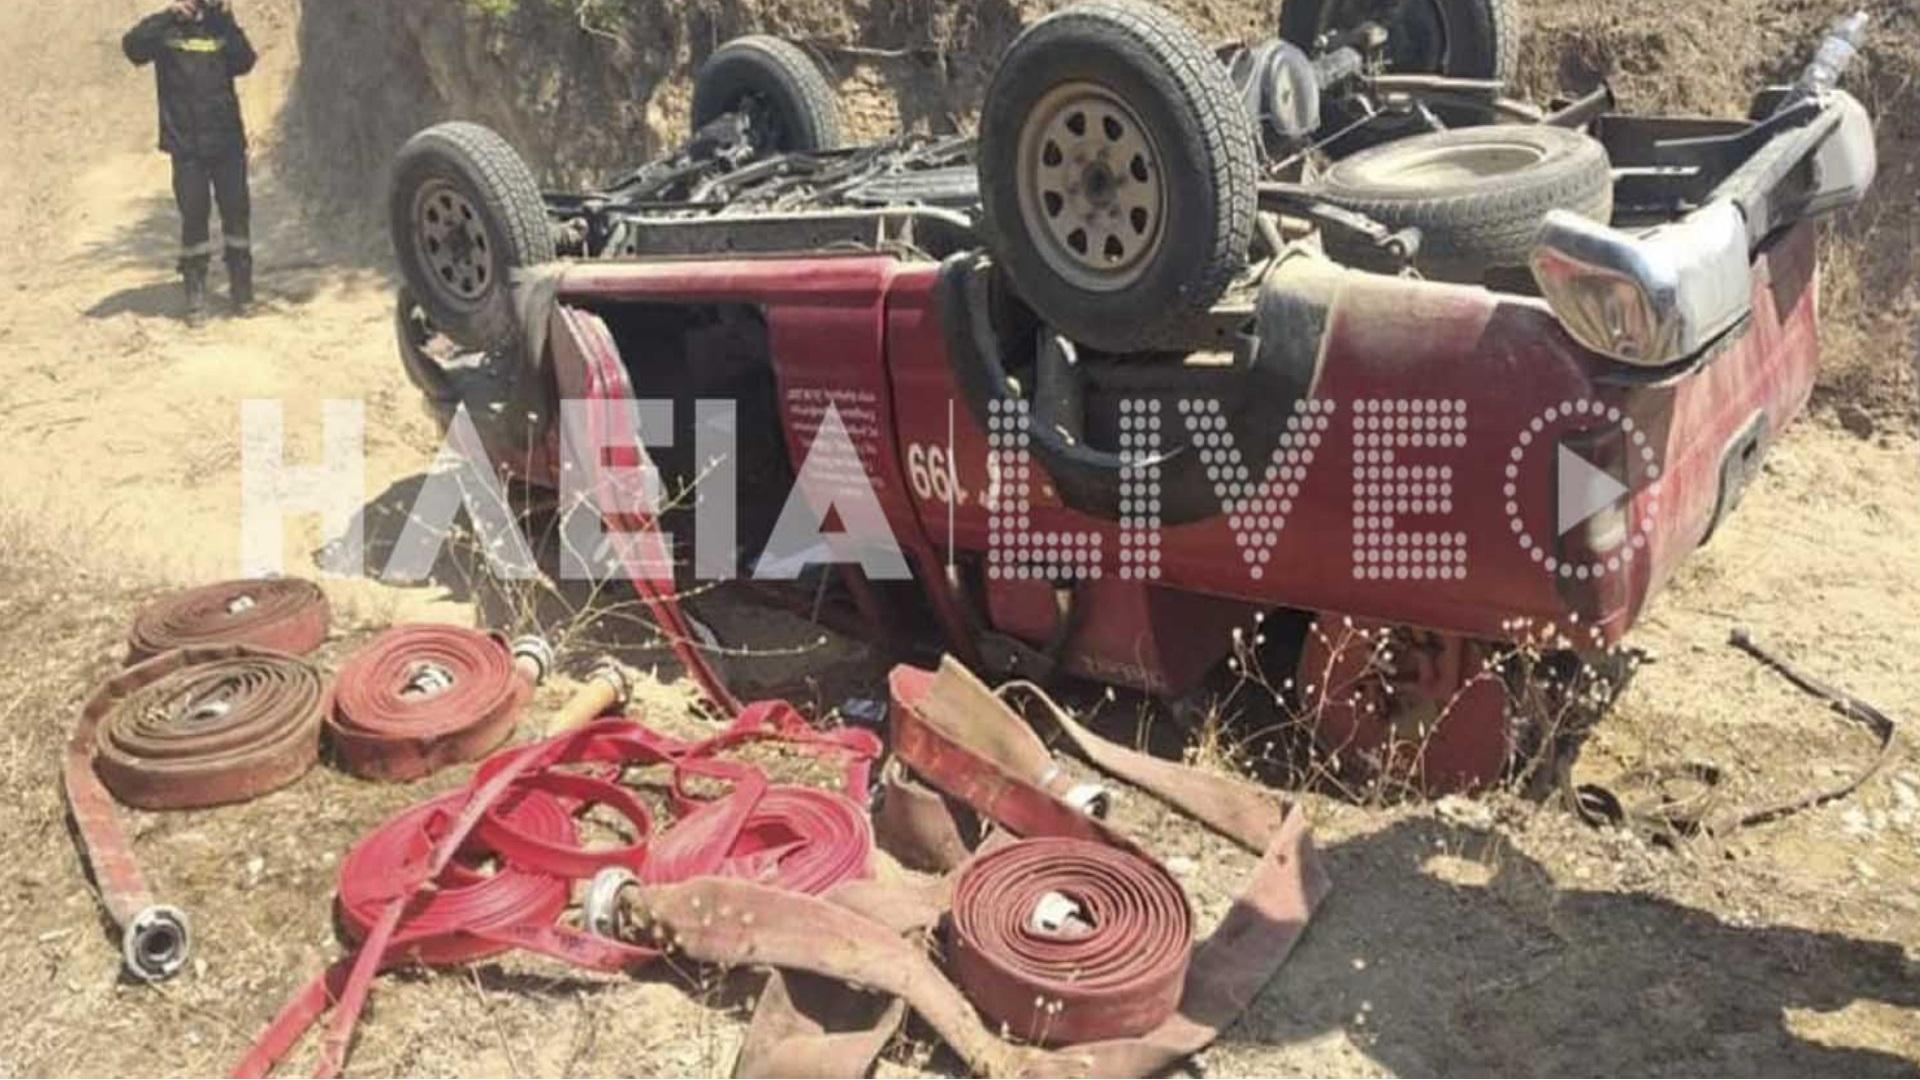 Φωτιά στην Ηλεία: Πυροσβεστικό ντελαπάρισε στο Κολίρι – Στον Λάλα το κύριο μέτωπο